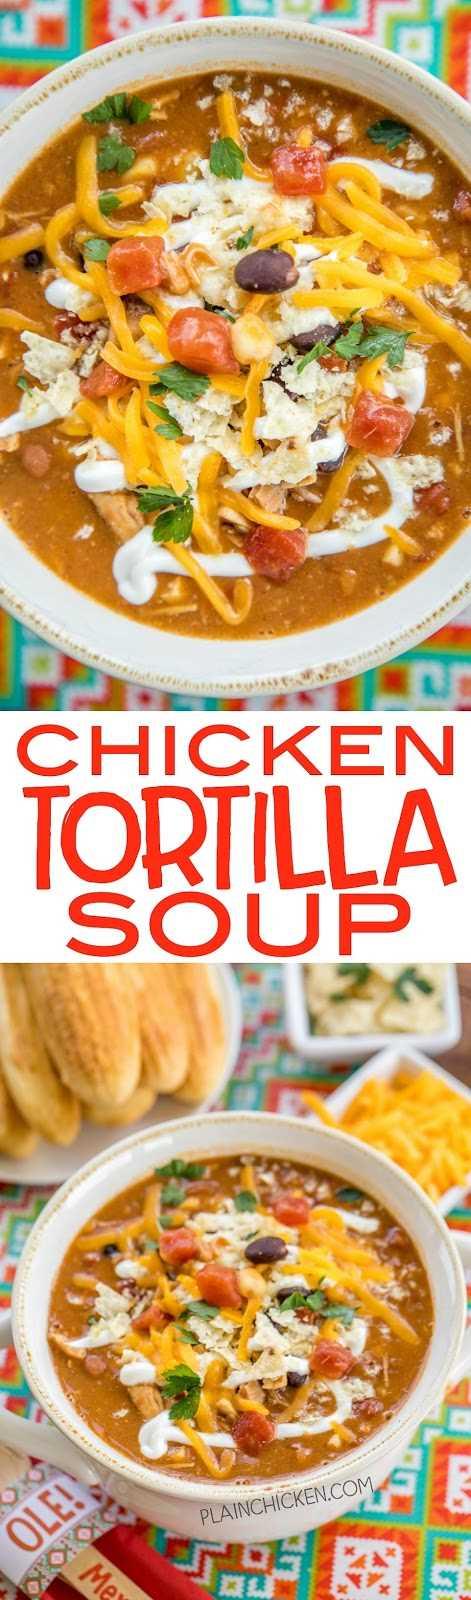 Sopa de tortilla de pollo: ¡el ingrediente secreto marca la diferencia! Listo en unos 15 minutos. También puede hacer esto en la olla de cocción lenta. ¡Congele las sobras para un almuerzo o cena rápida más tarde! Pollo rostizado, frijoles refritos, frijoles negros, tomates picados y chiles verdes, condimento para tacos, caldo de maíz y pollo. Cubra la sopa con queso, tortilla chips y crema agria. ¡Sirva con un poco de pan de maíz para una comida fácil durante la semana que toda la familia disfrutará! ¡A todos les encantó esta receta mexicana fácil!